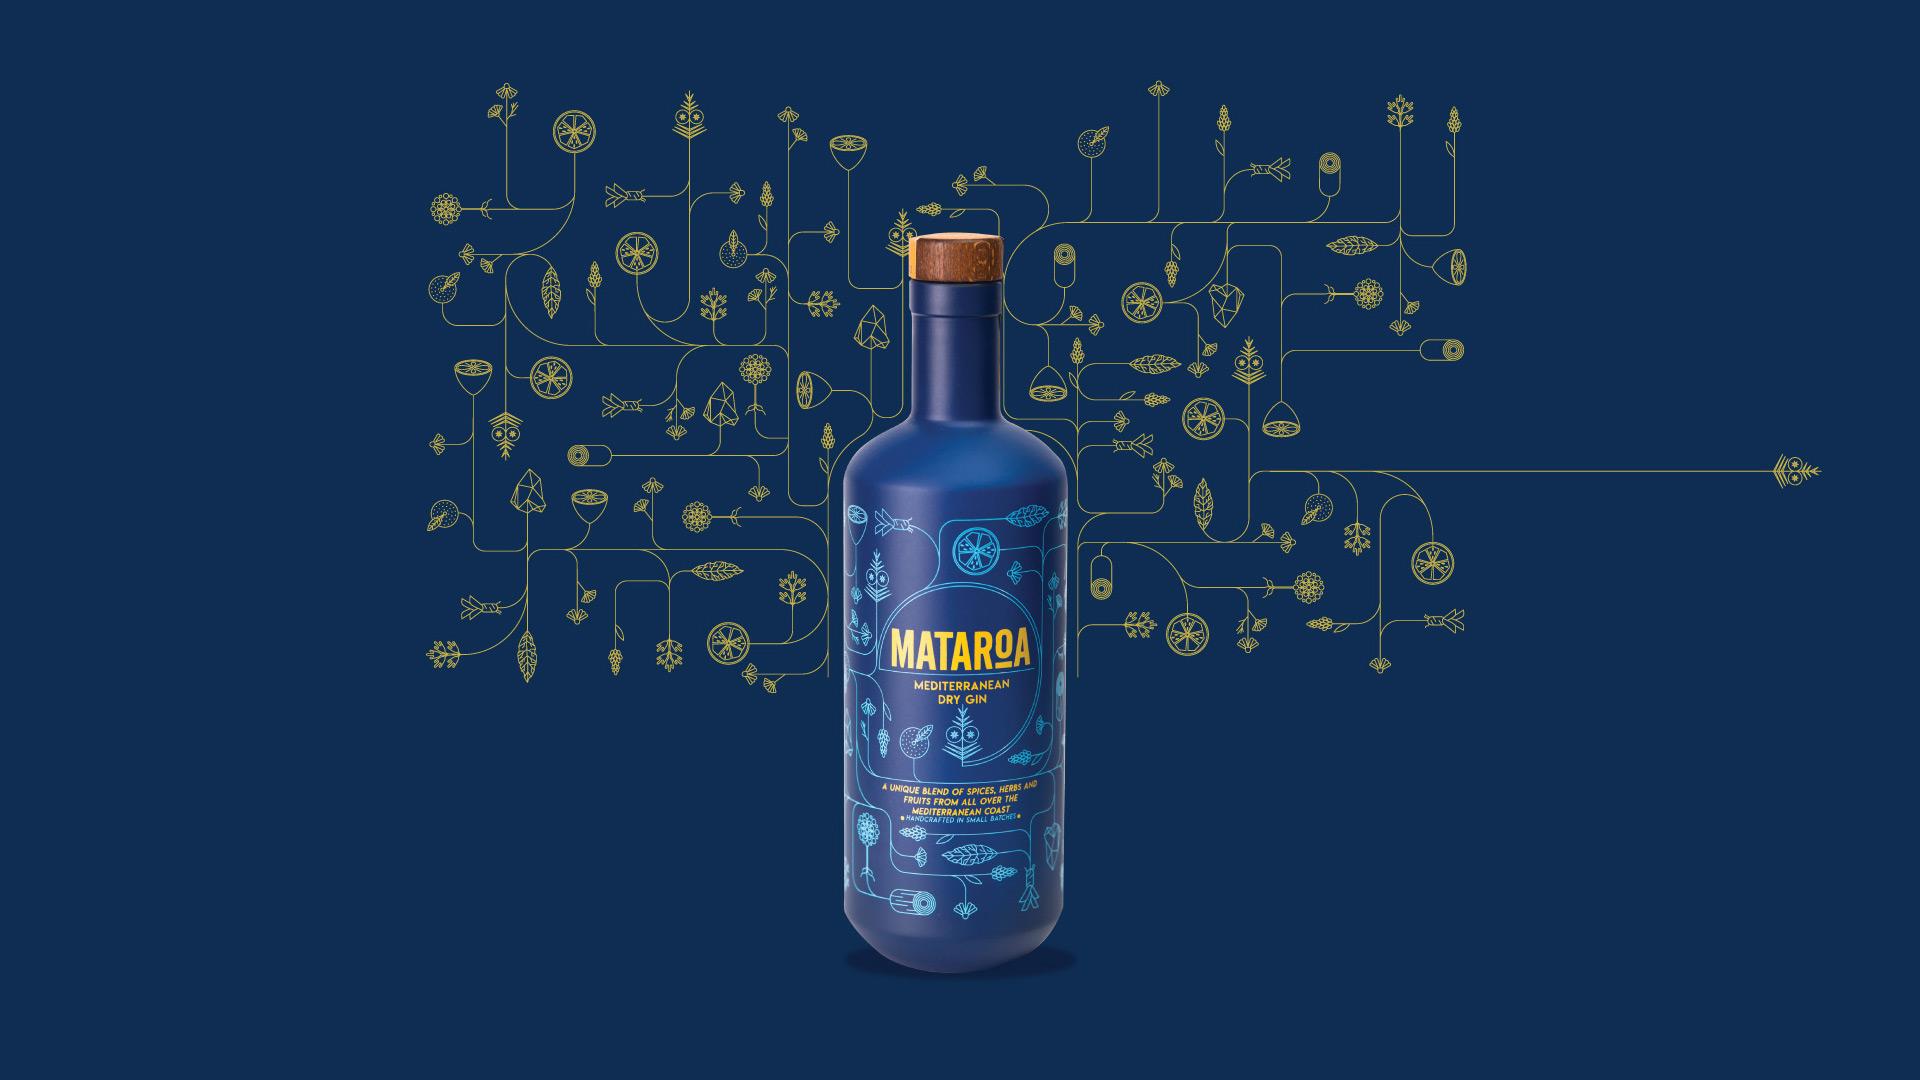 Mataroa Gin